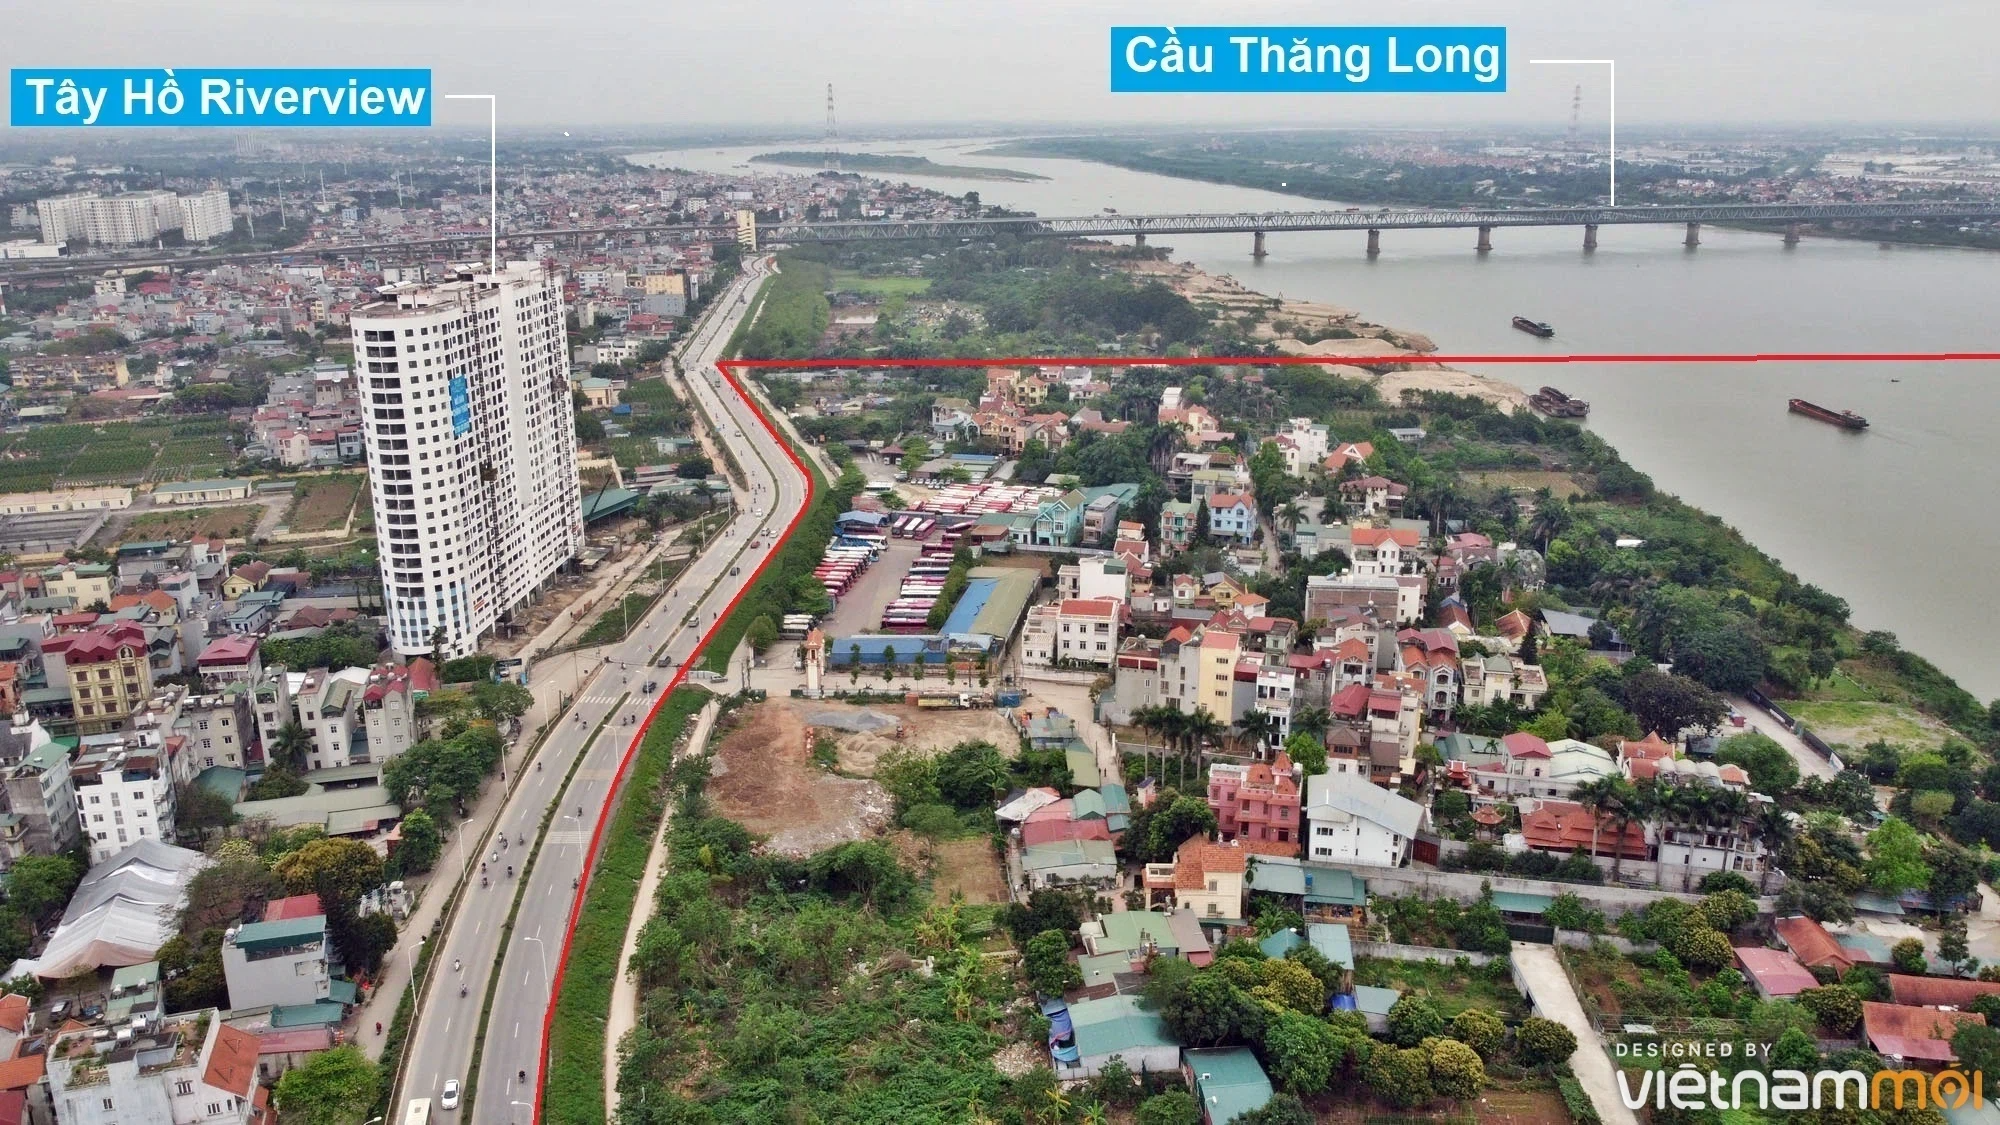 Toàn cảnh hiện trạng Phân khu đô thị sông Hồng trên địa bàn quận Tây Hồ - Ảnh 2.